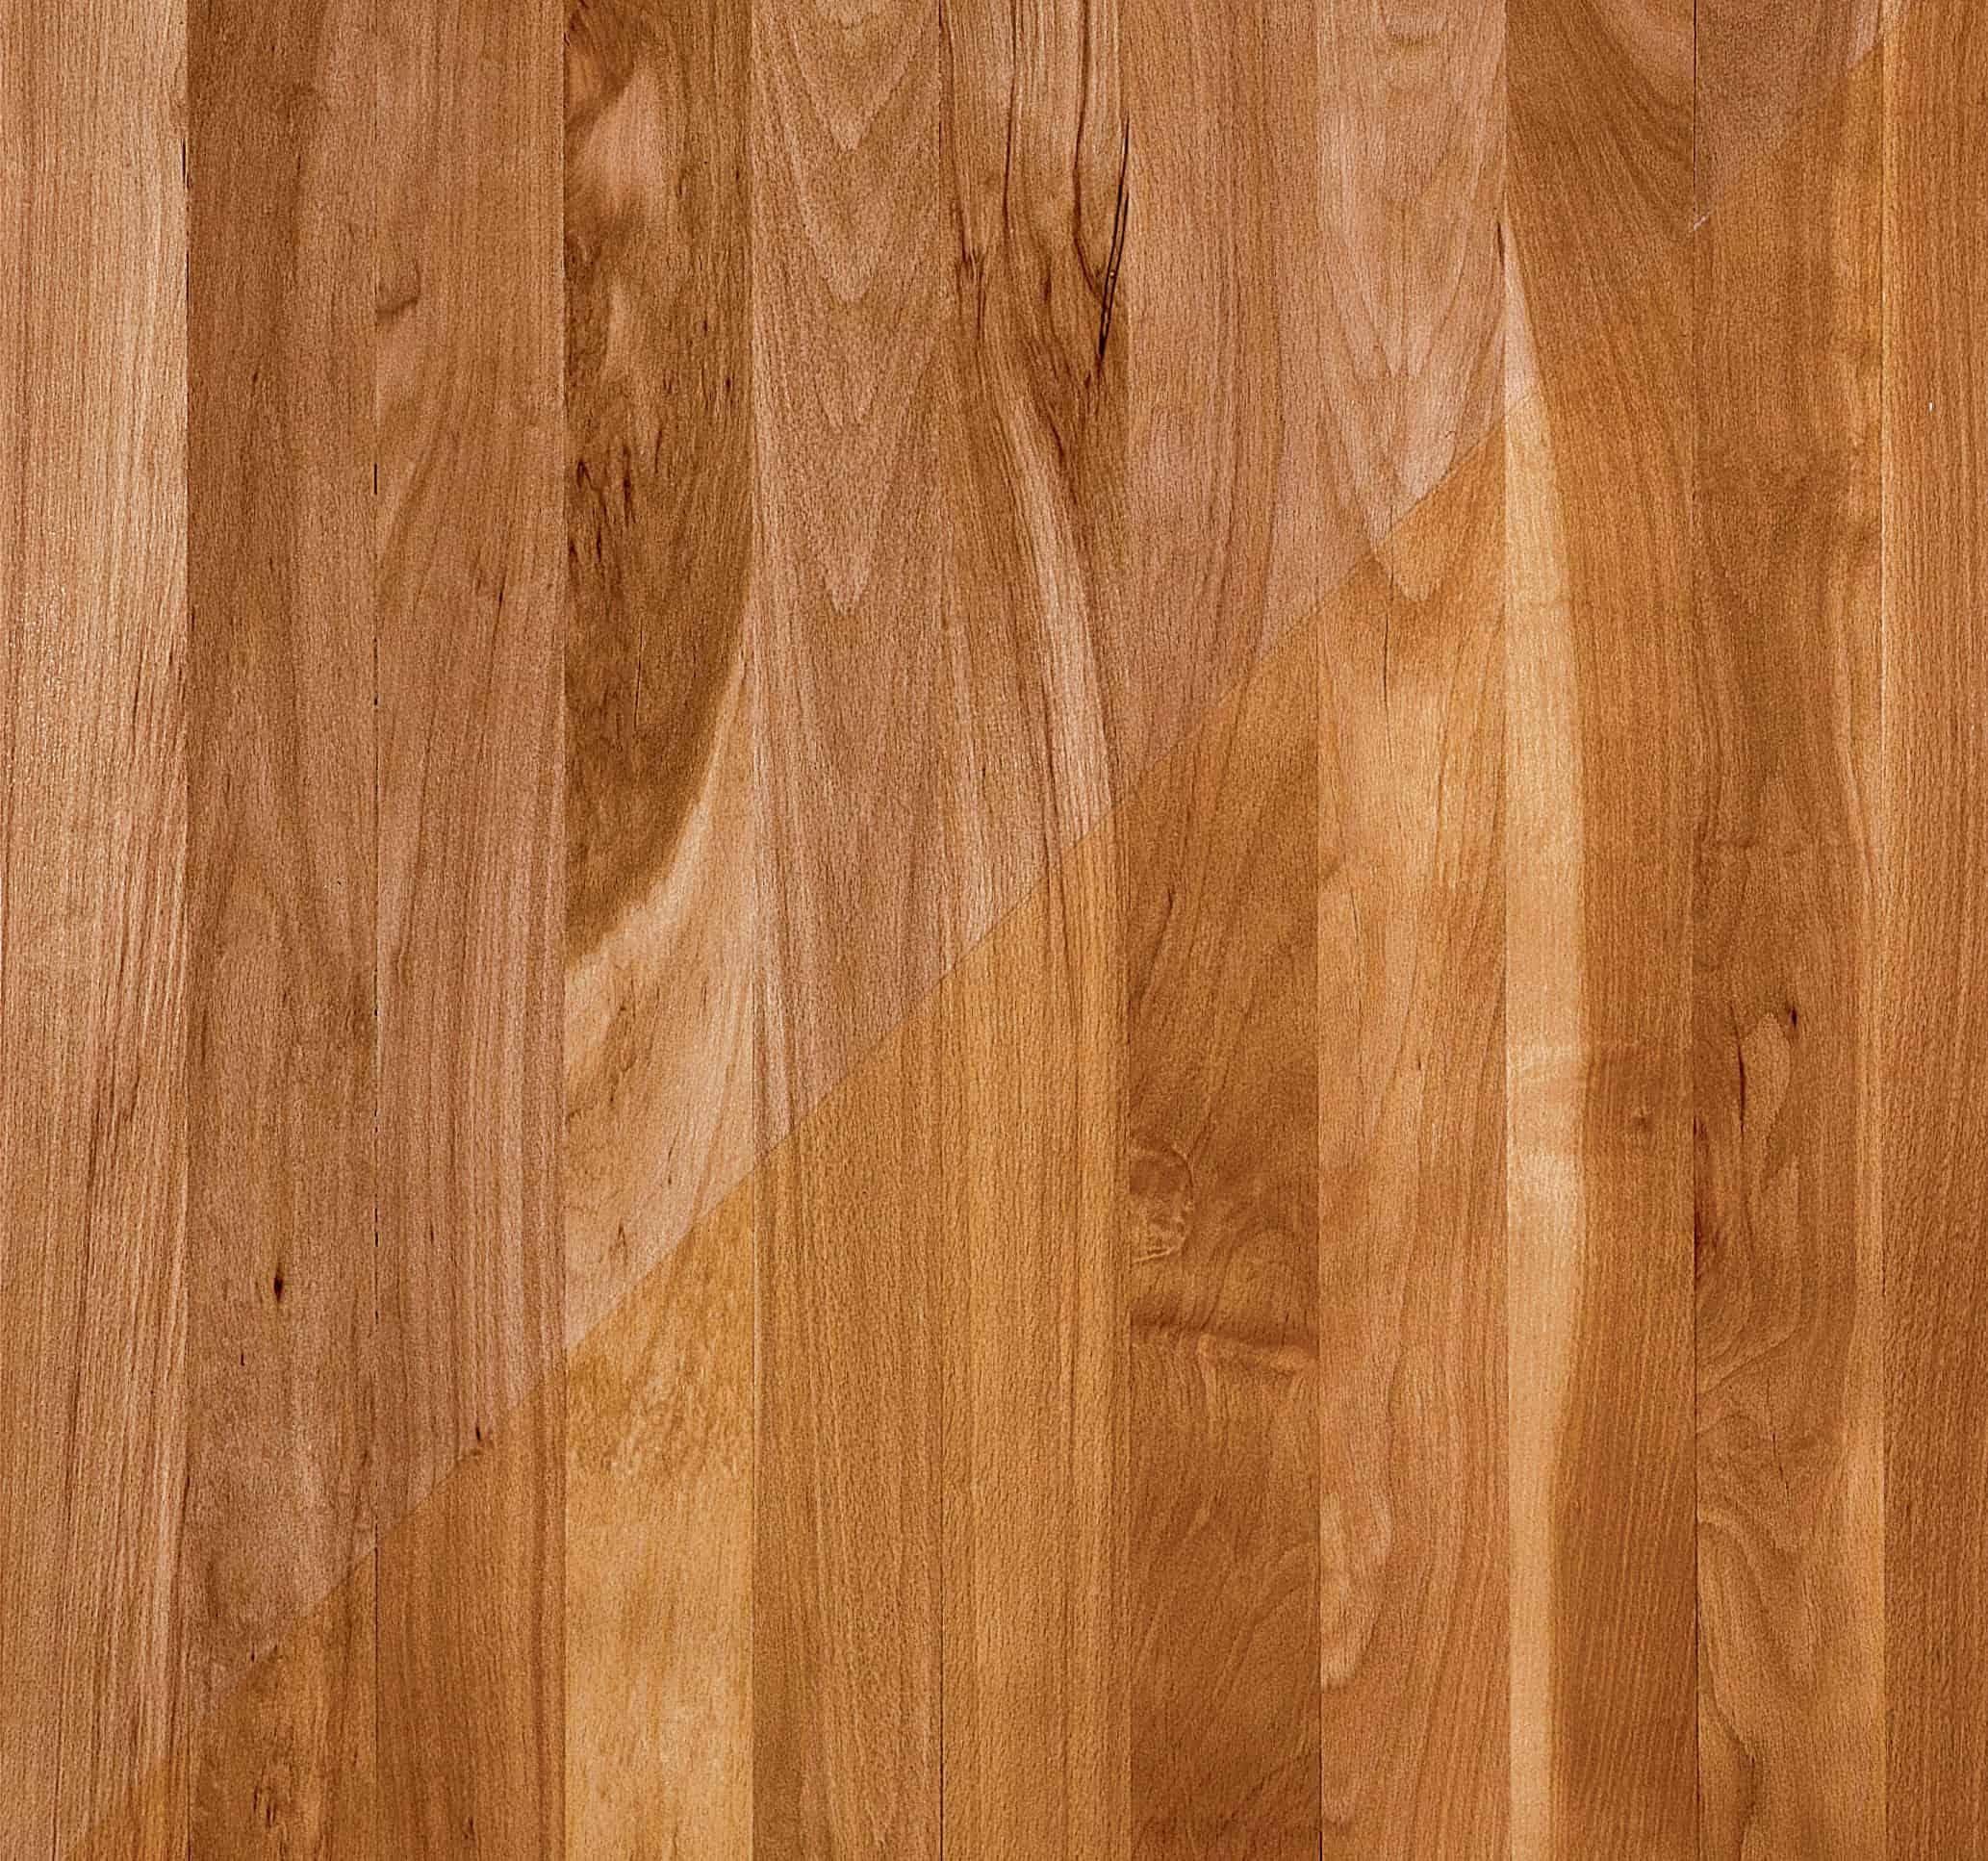 Species Specs Beech Hardwood Floors